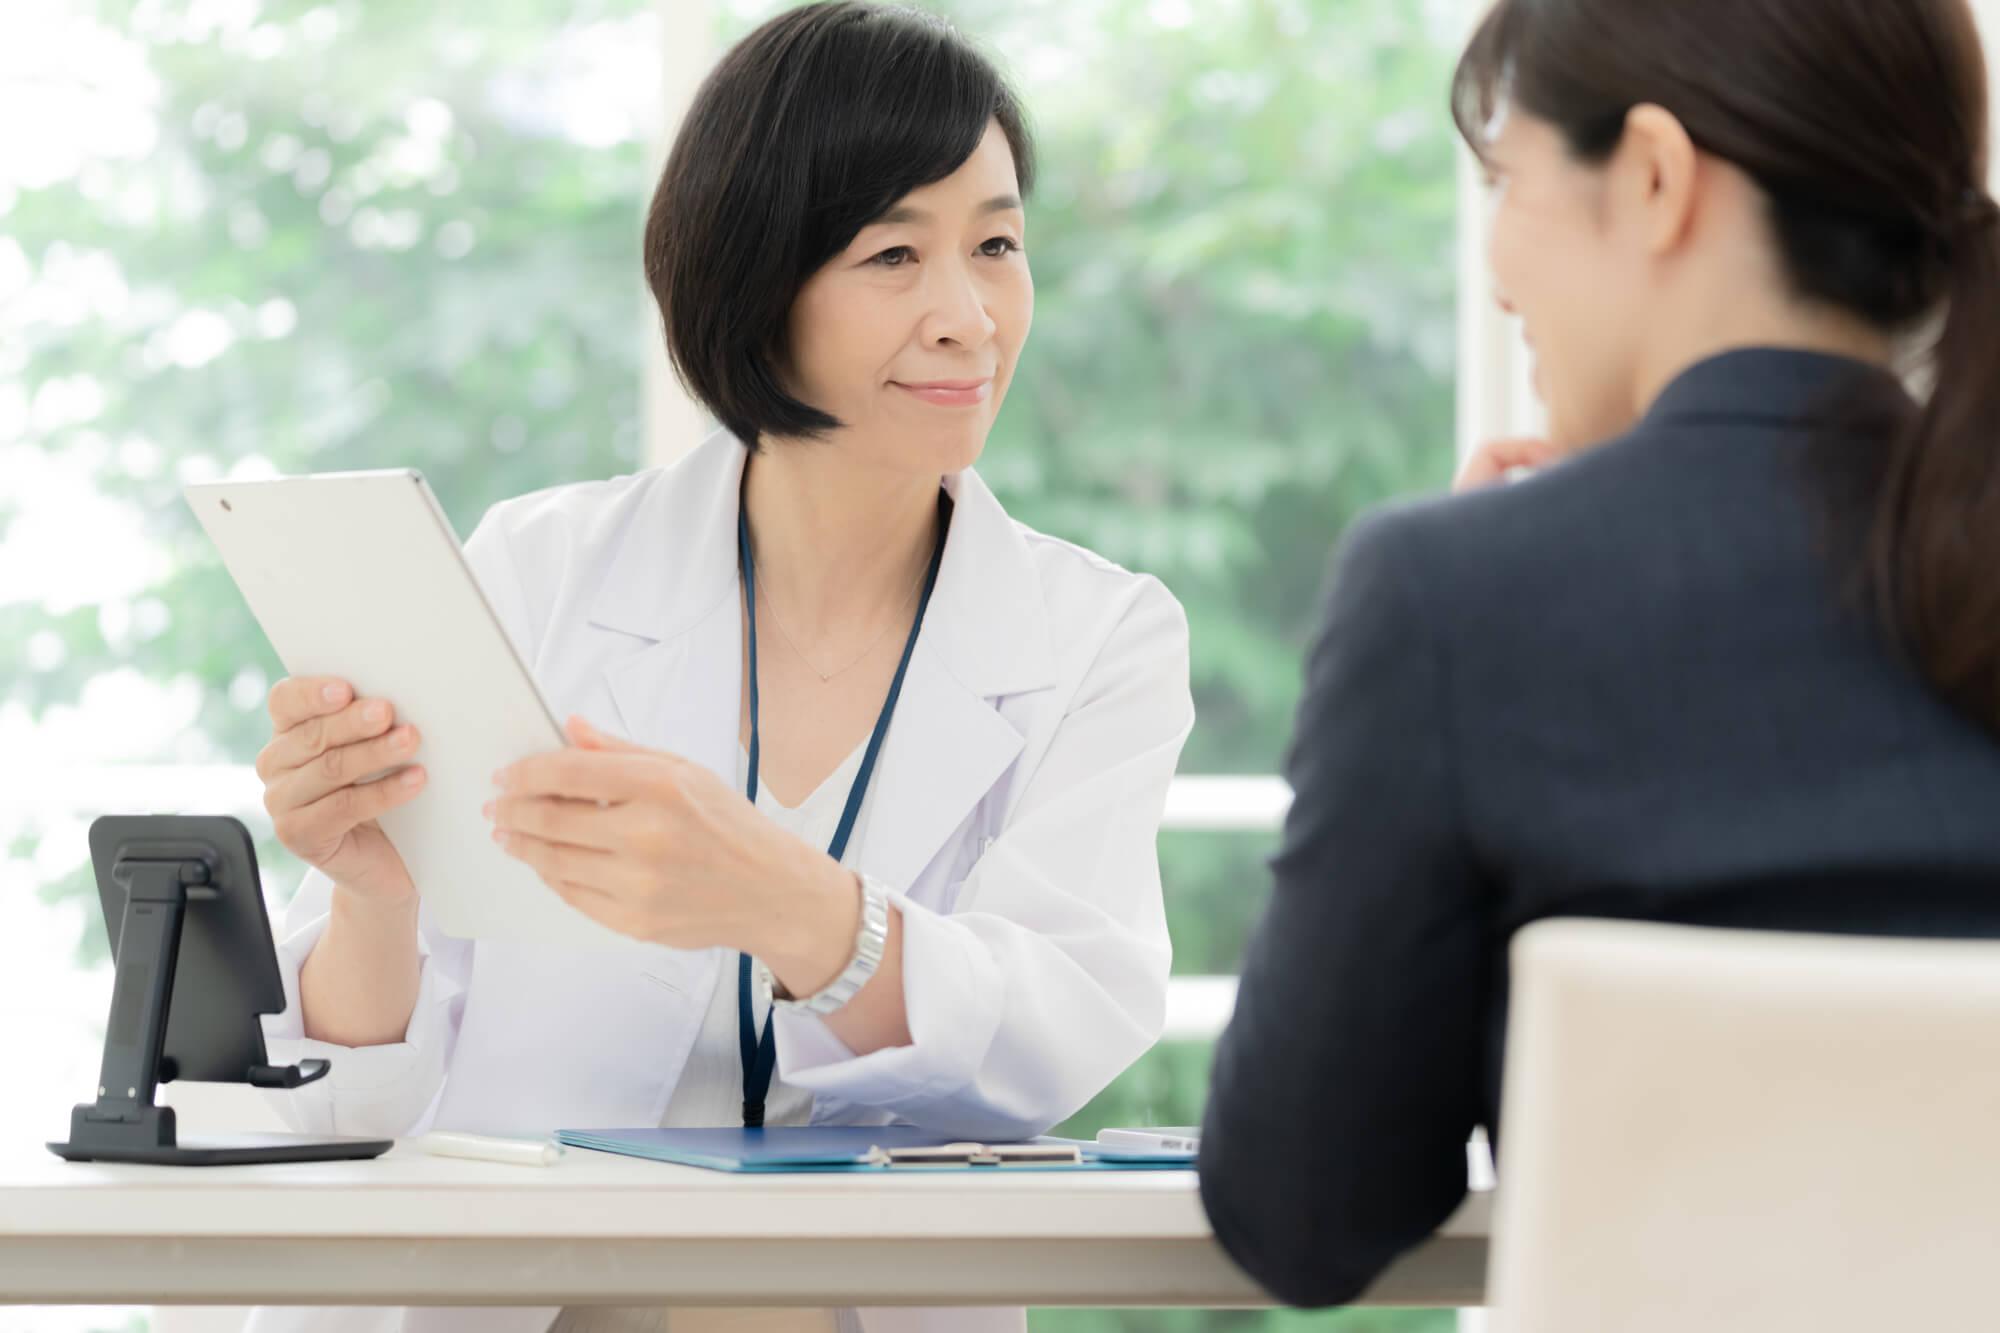 アスペルガー症候群で悩んでいる女性をカウンセリングする女性カウンセラー